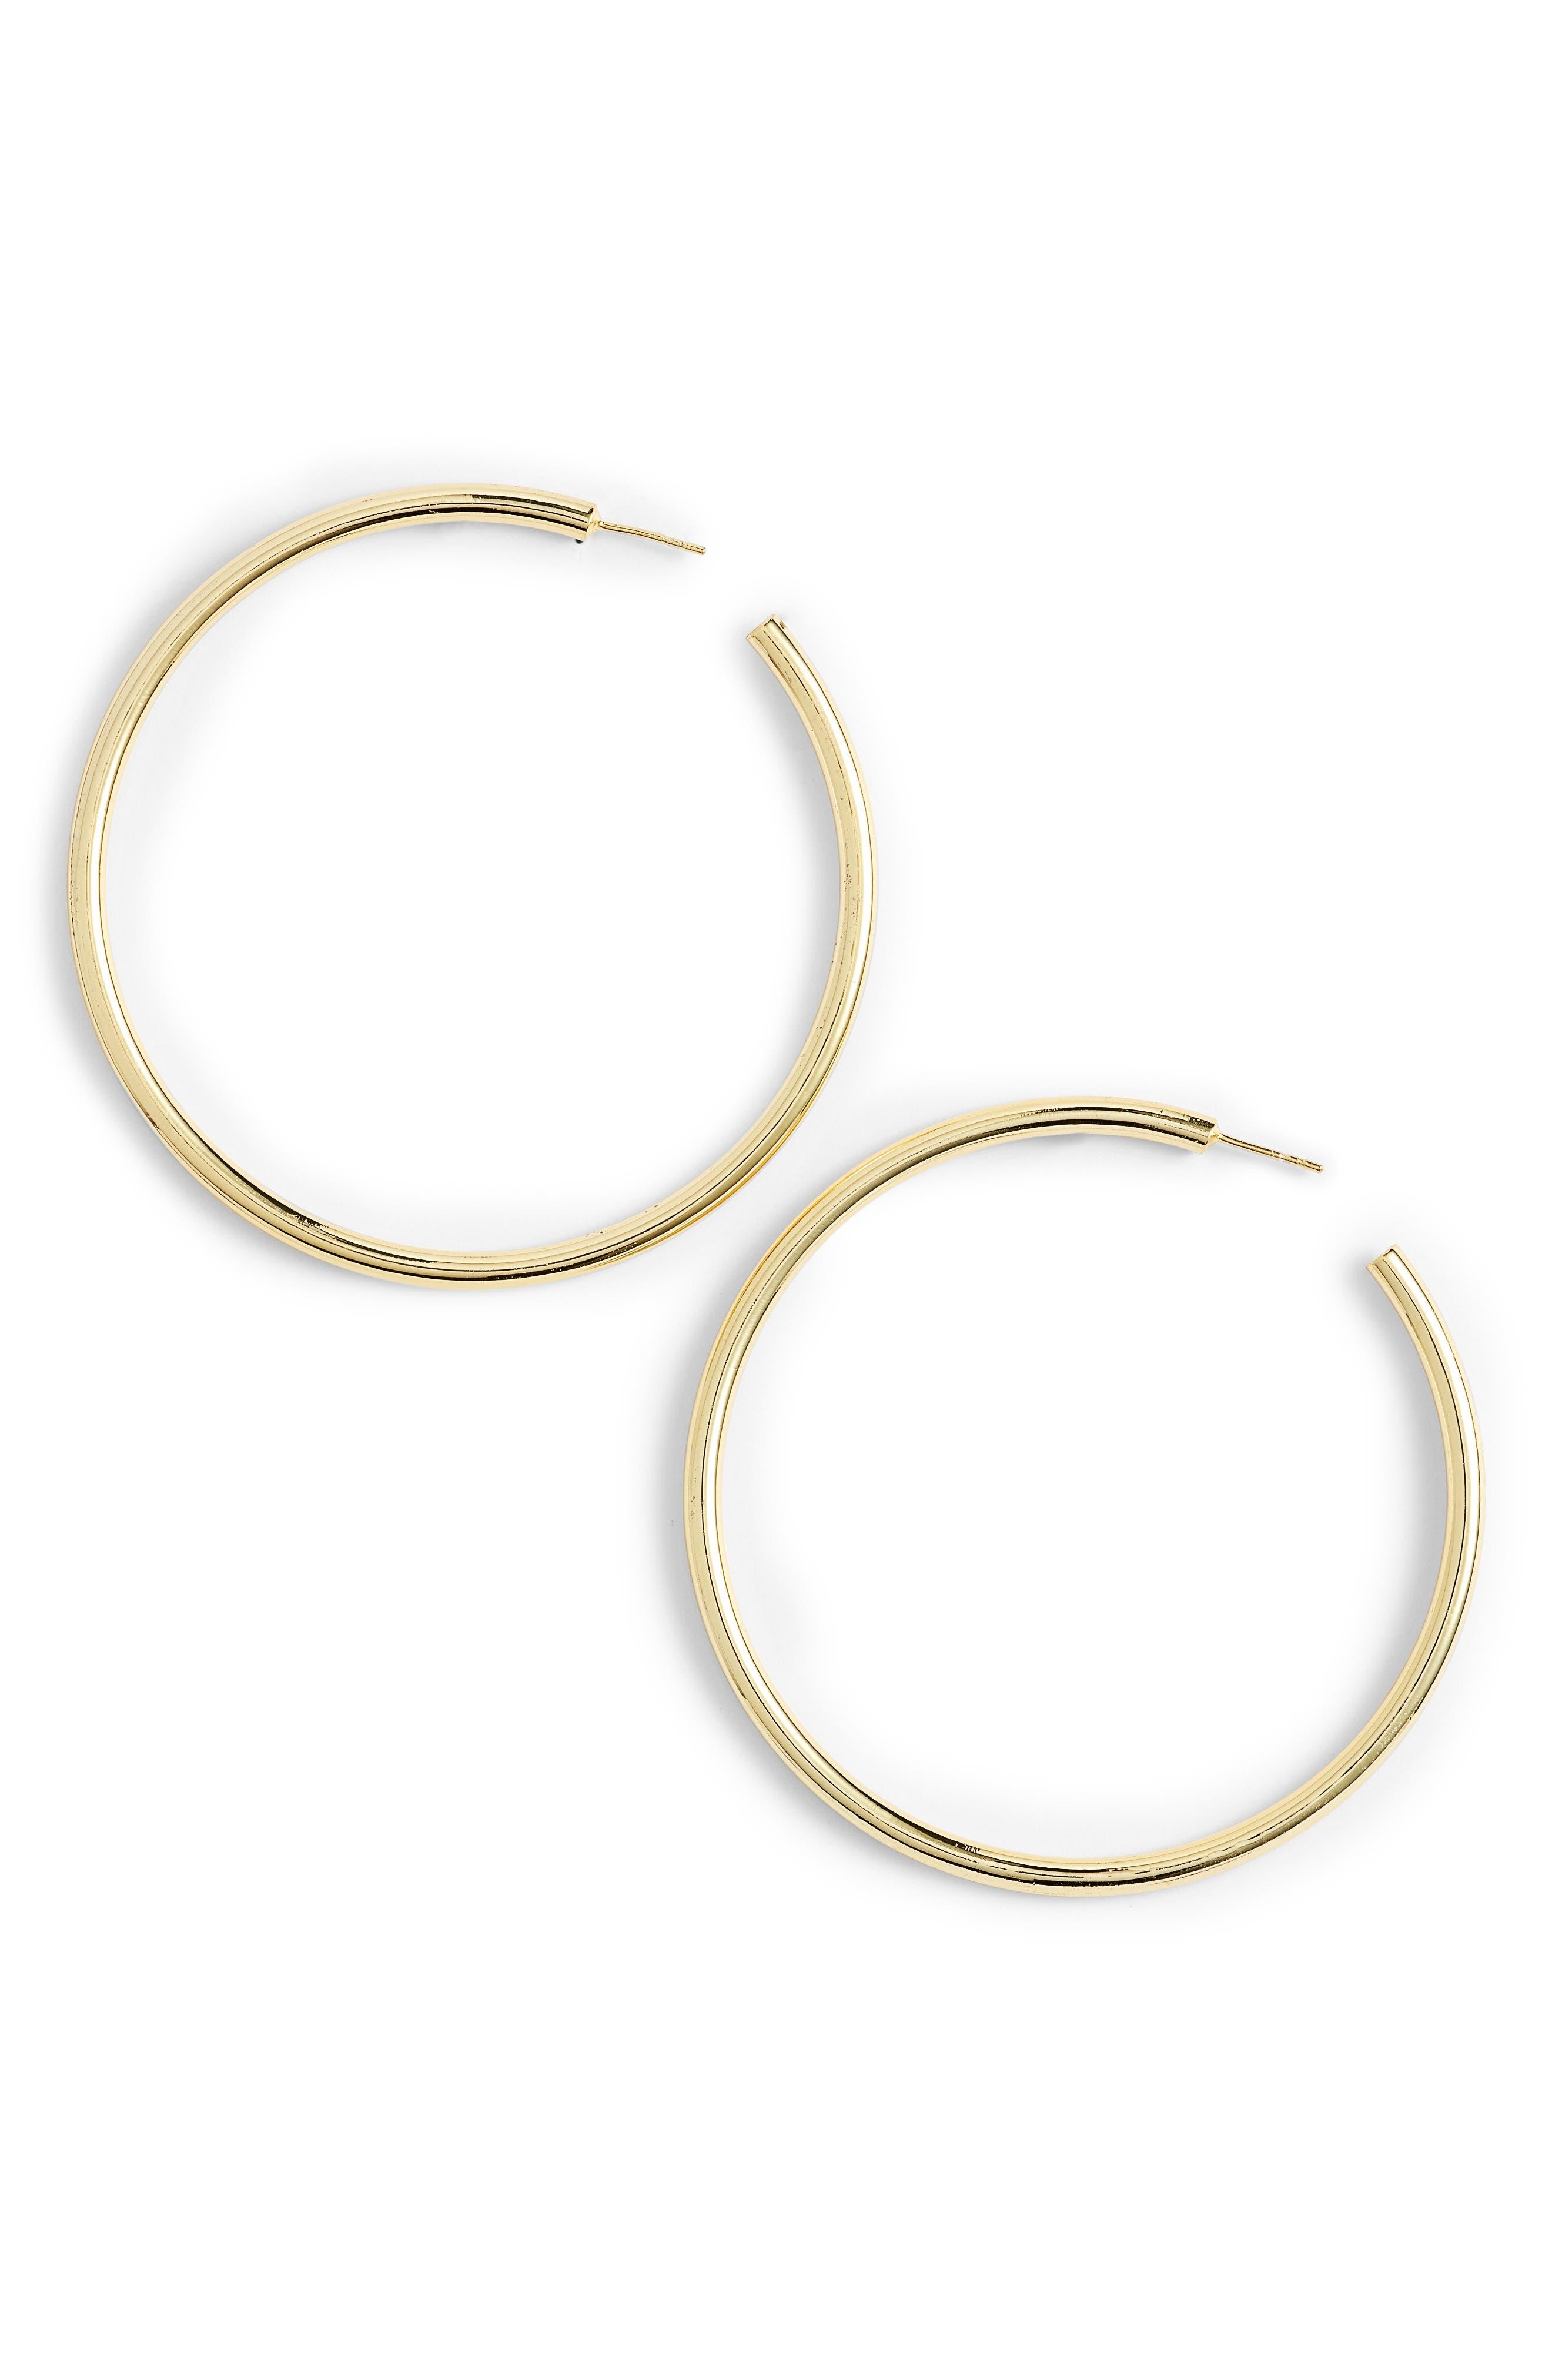 Alternate Image 1 Selected - Argento Vivo Large Hoop Earrings